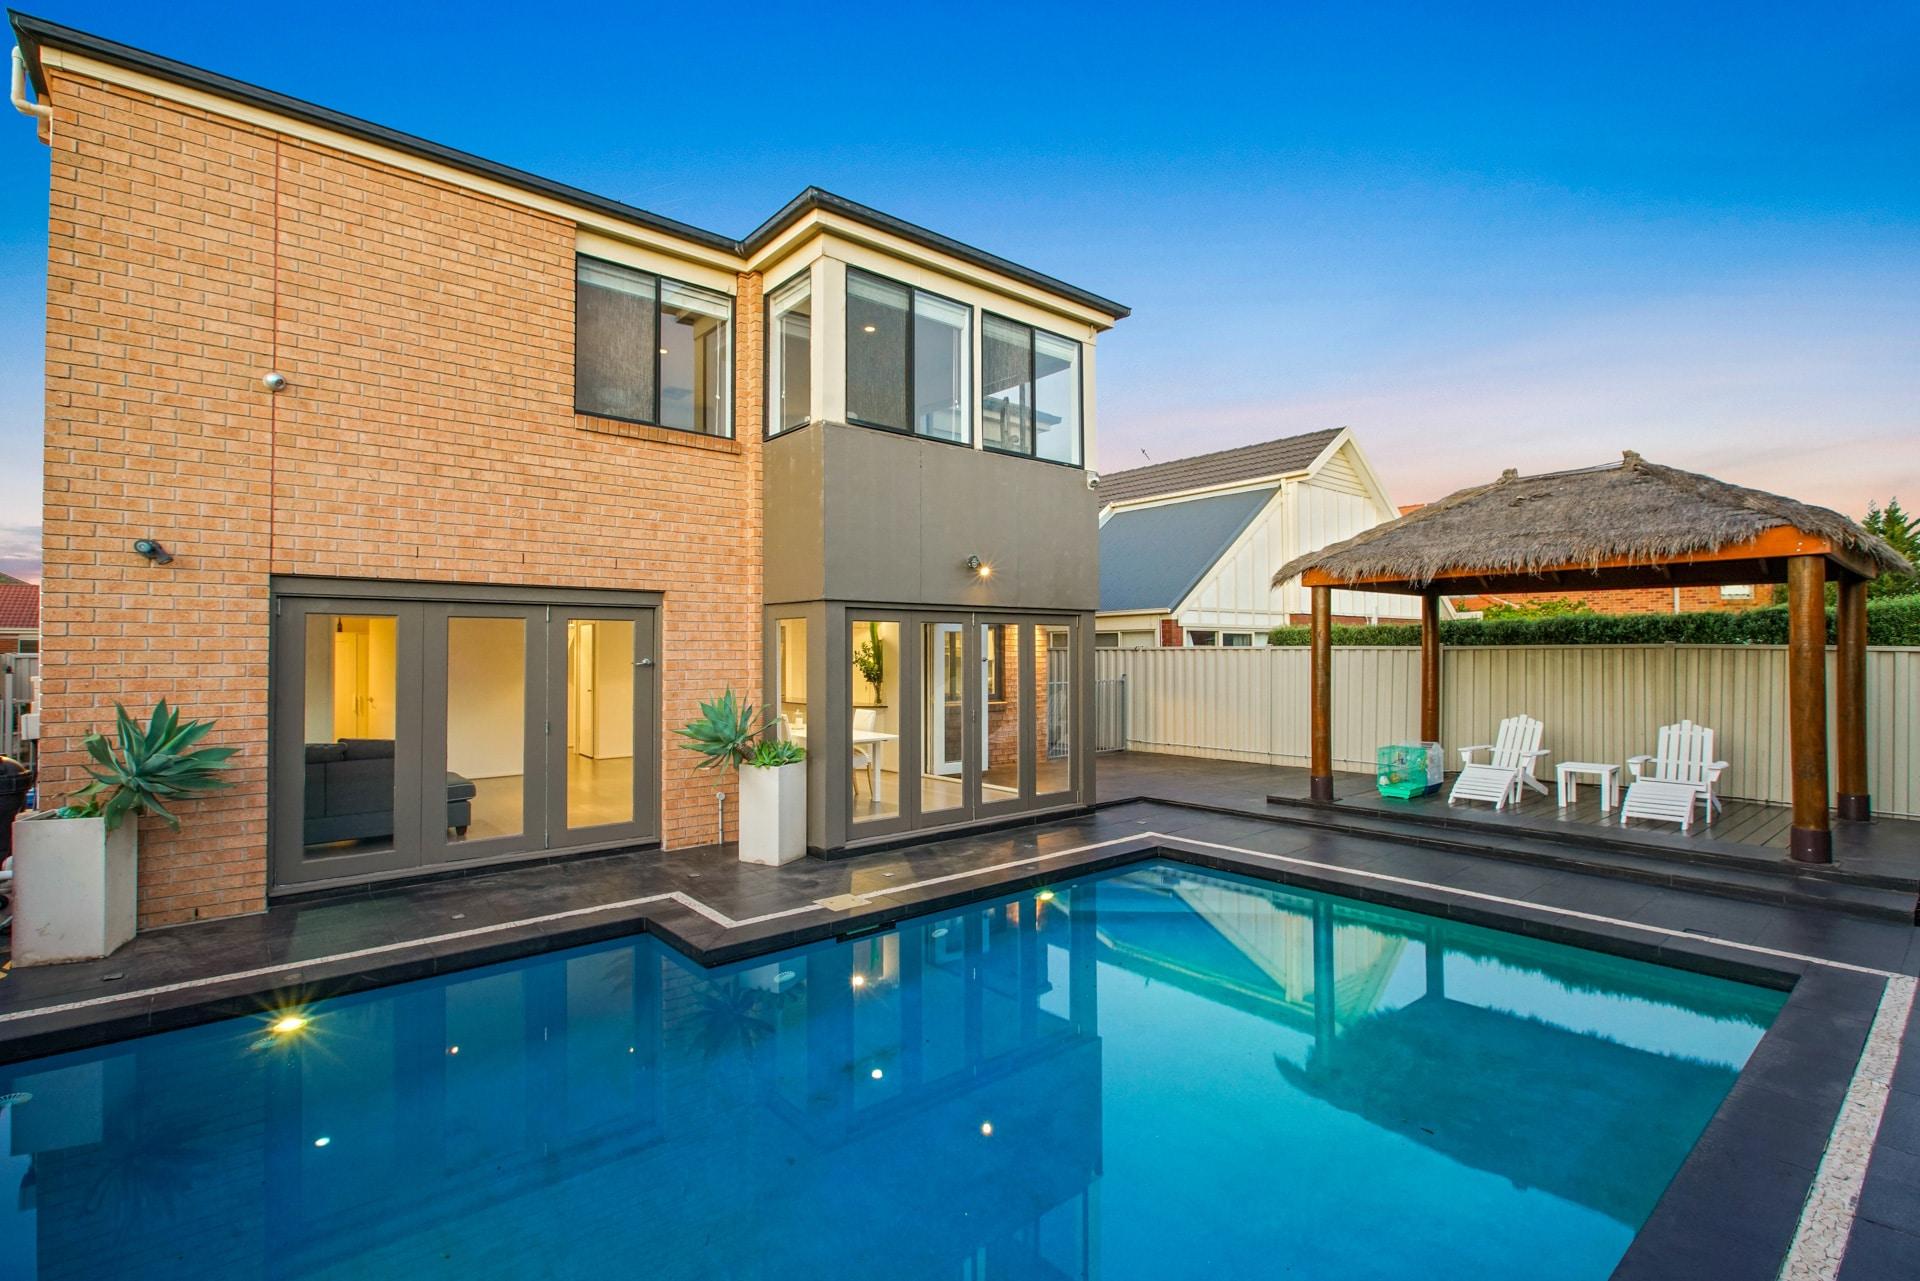 Photo immobilière HDR du jardin avec piscine d'une maison.